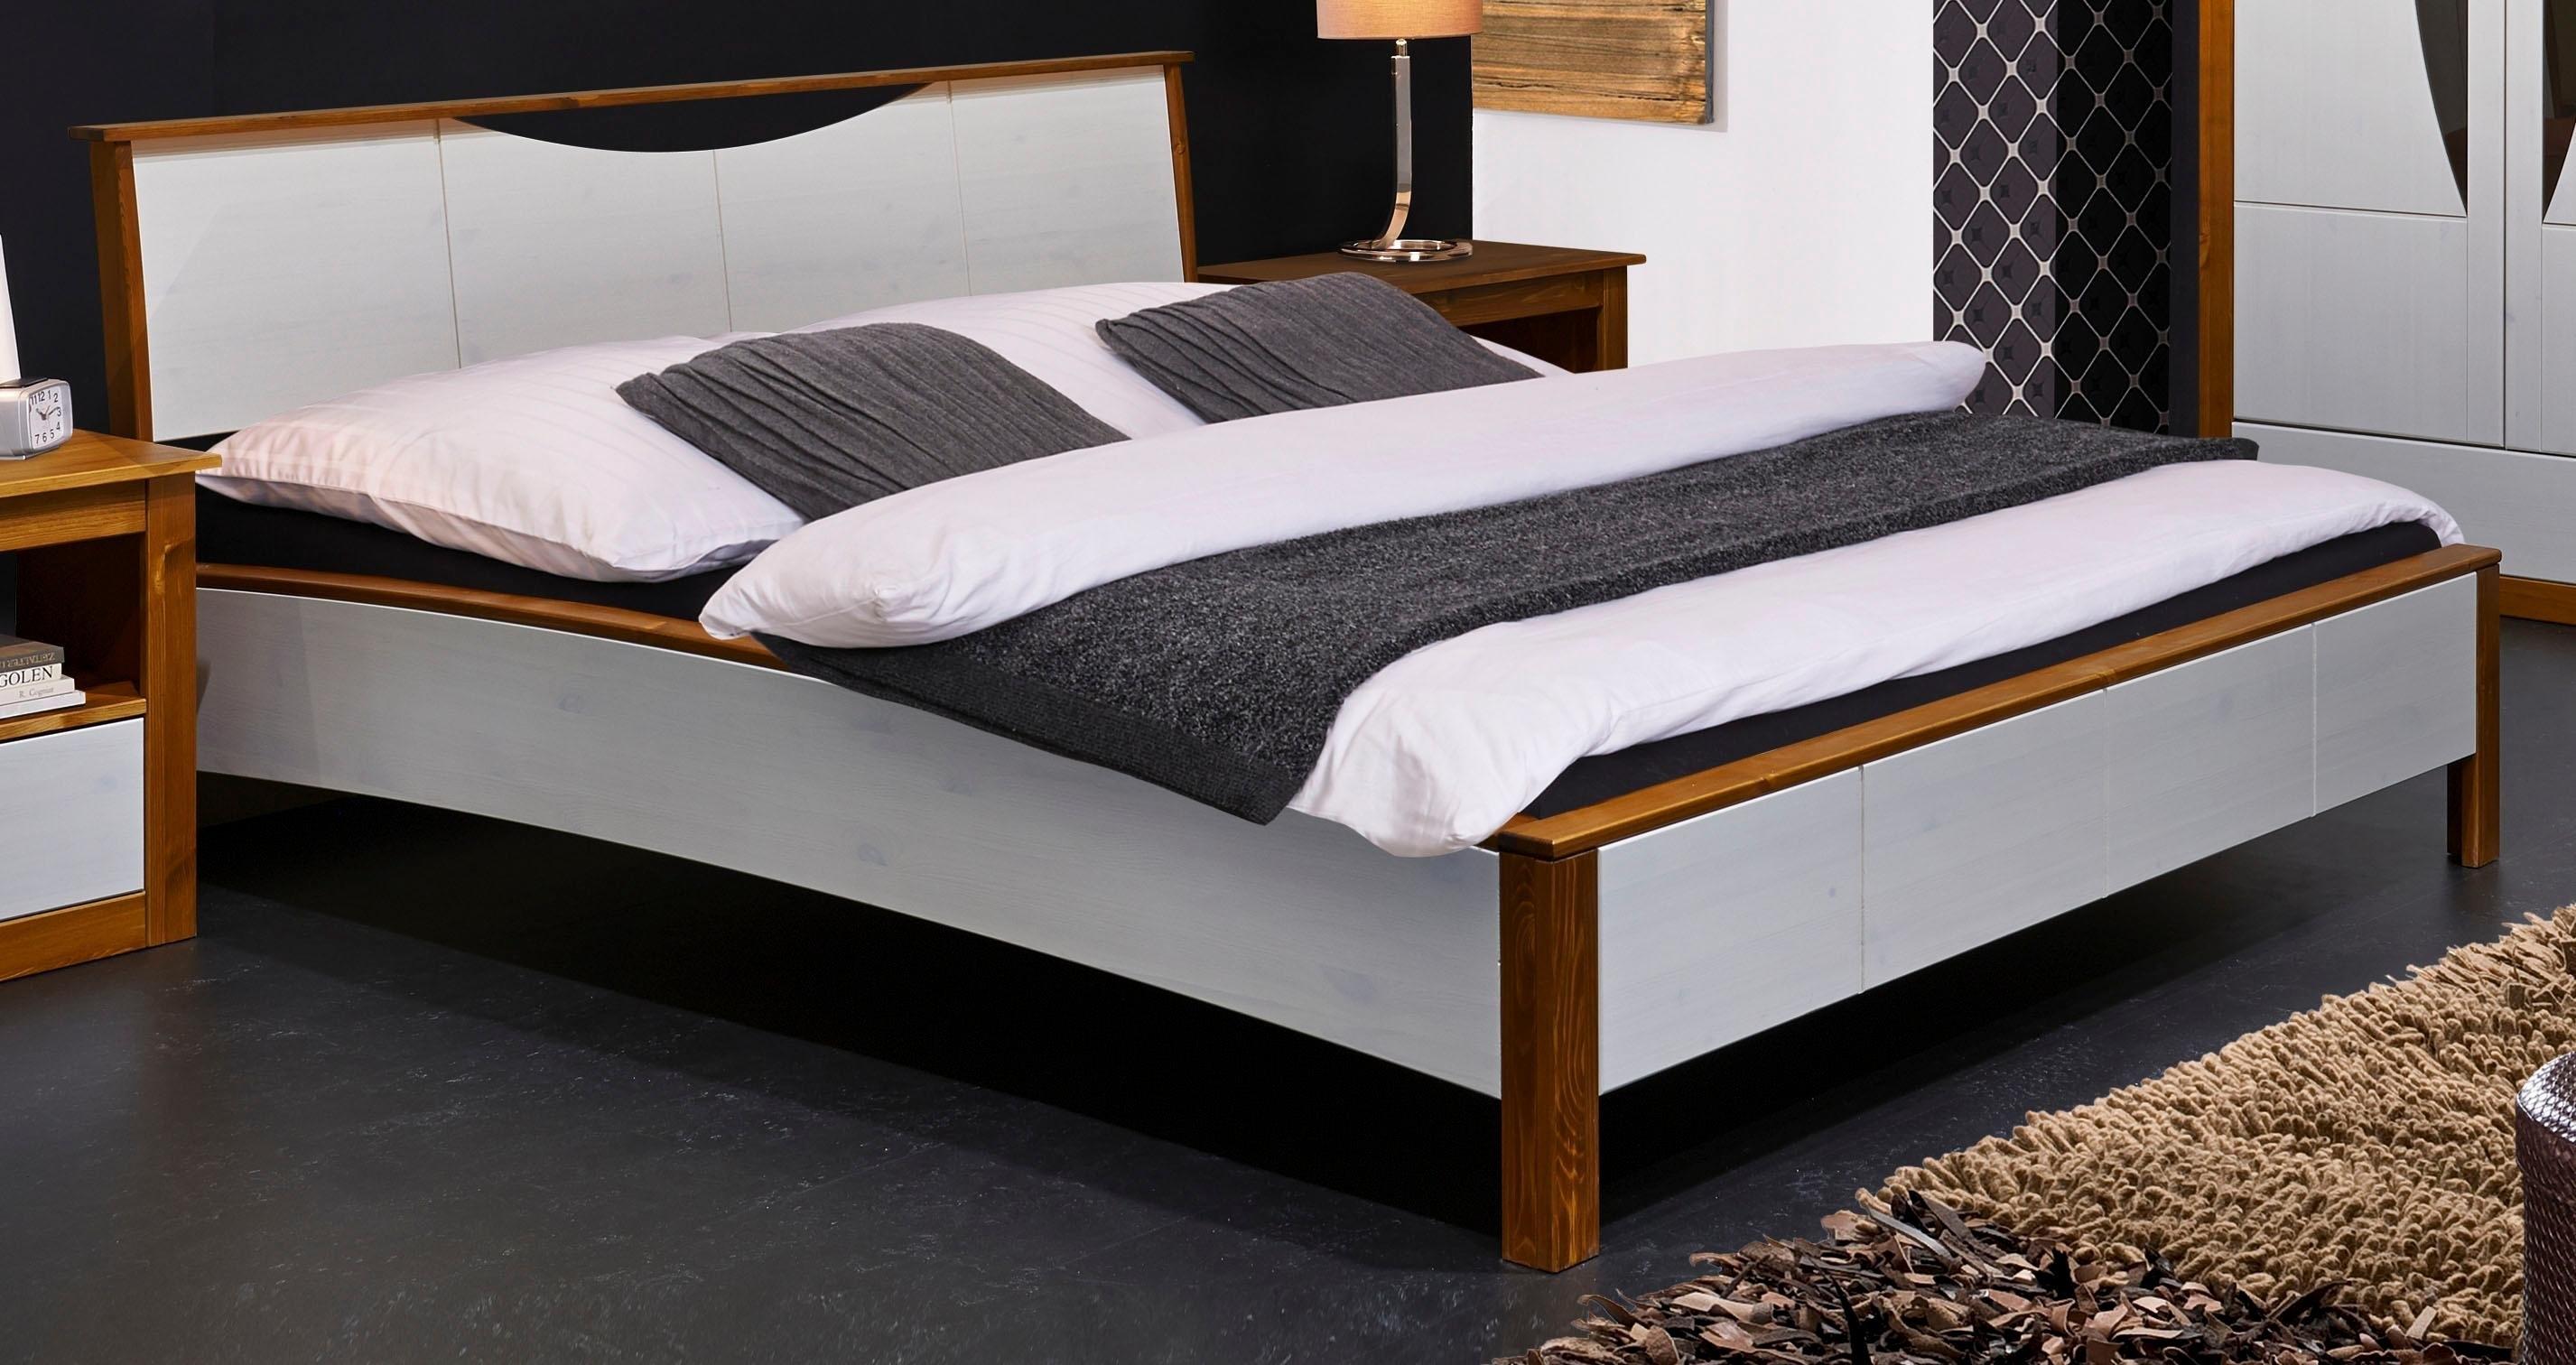 Home affaire massief houten ledikant Arosa met ligoppervlak 140 of 180 cm bestellen: 30 dagen bedenktijd